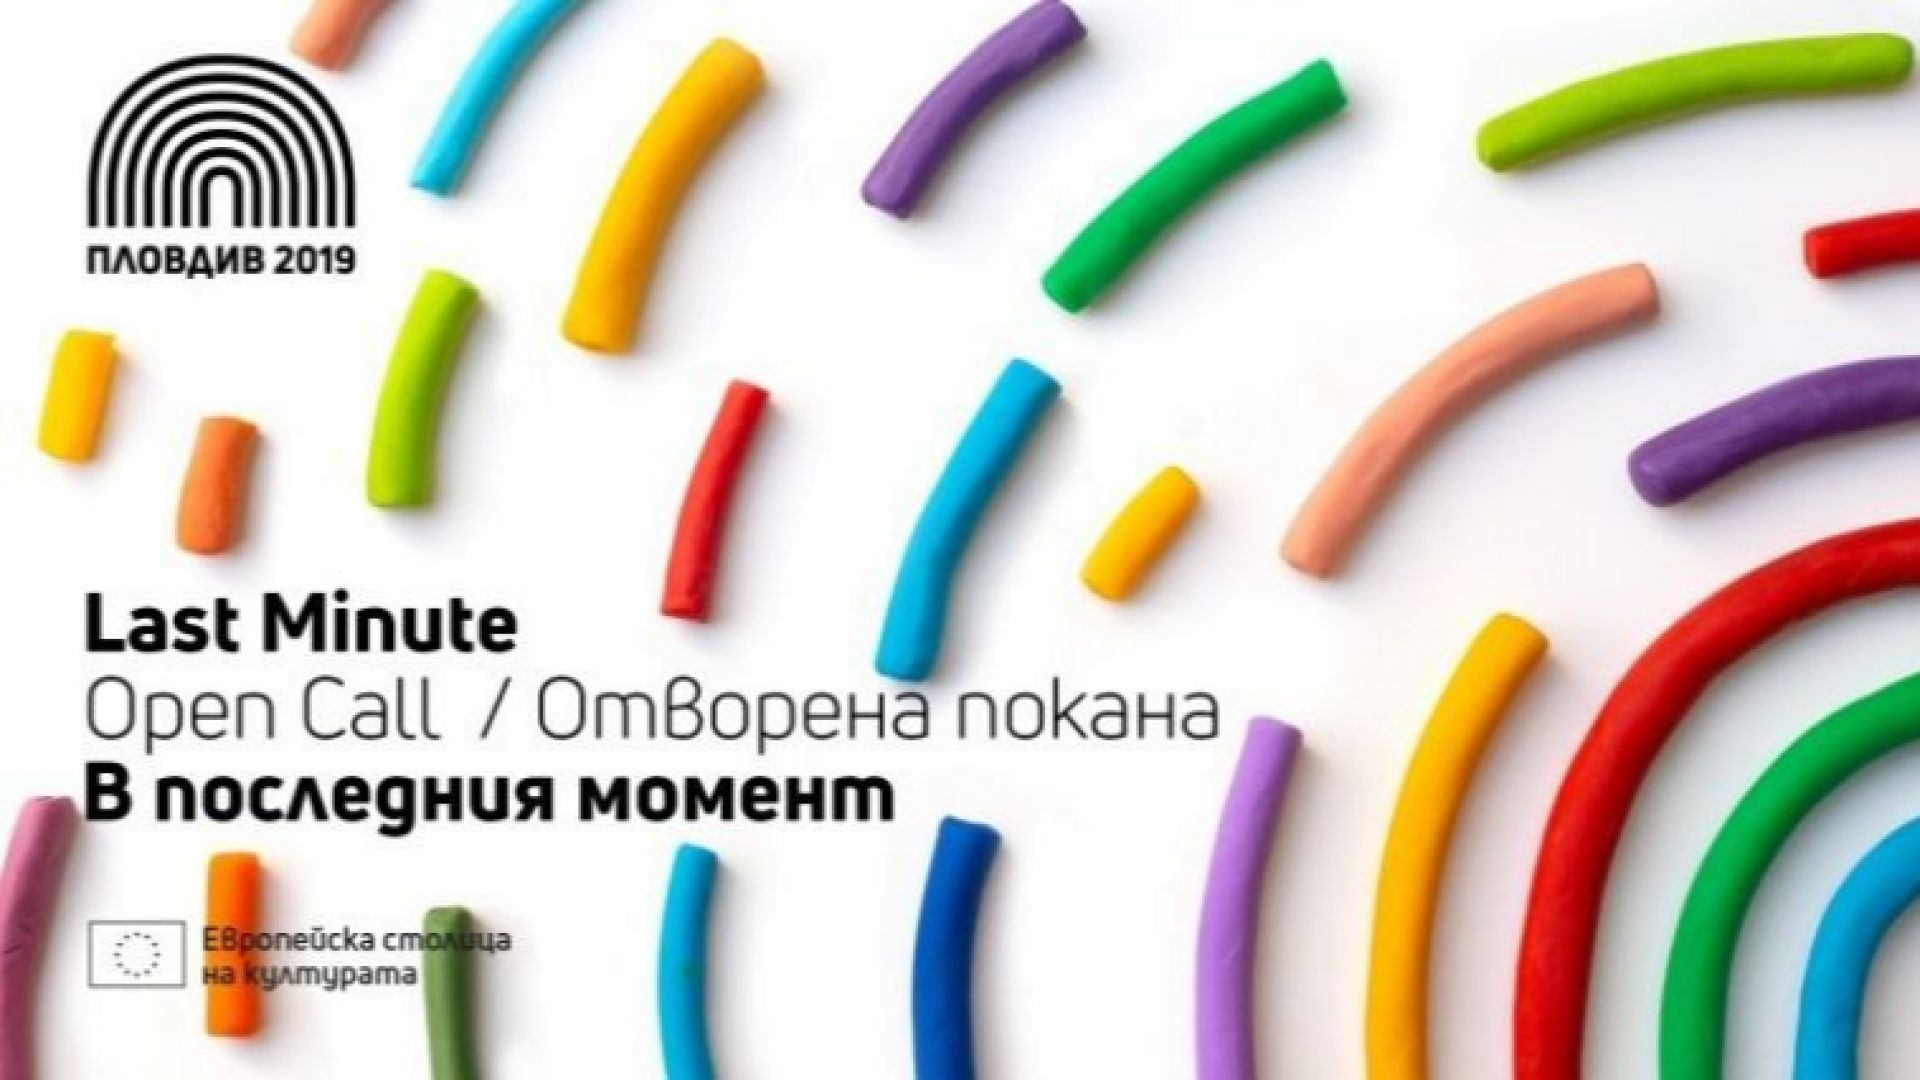 """""""Пловдив 2019"""" одобри 11 проекта"""